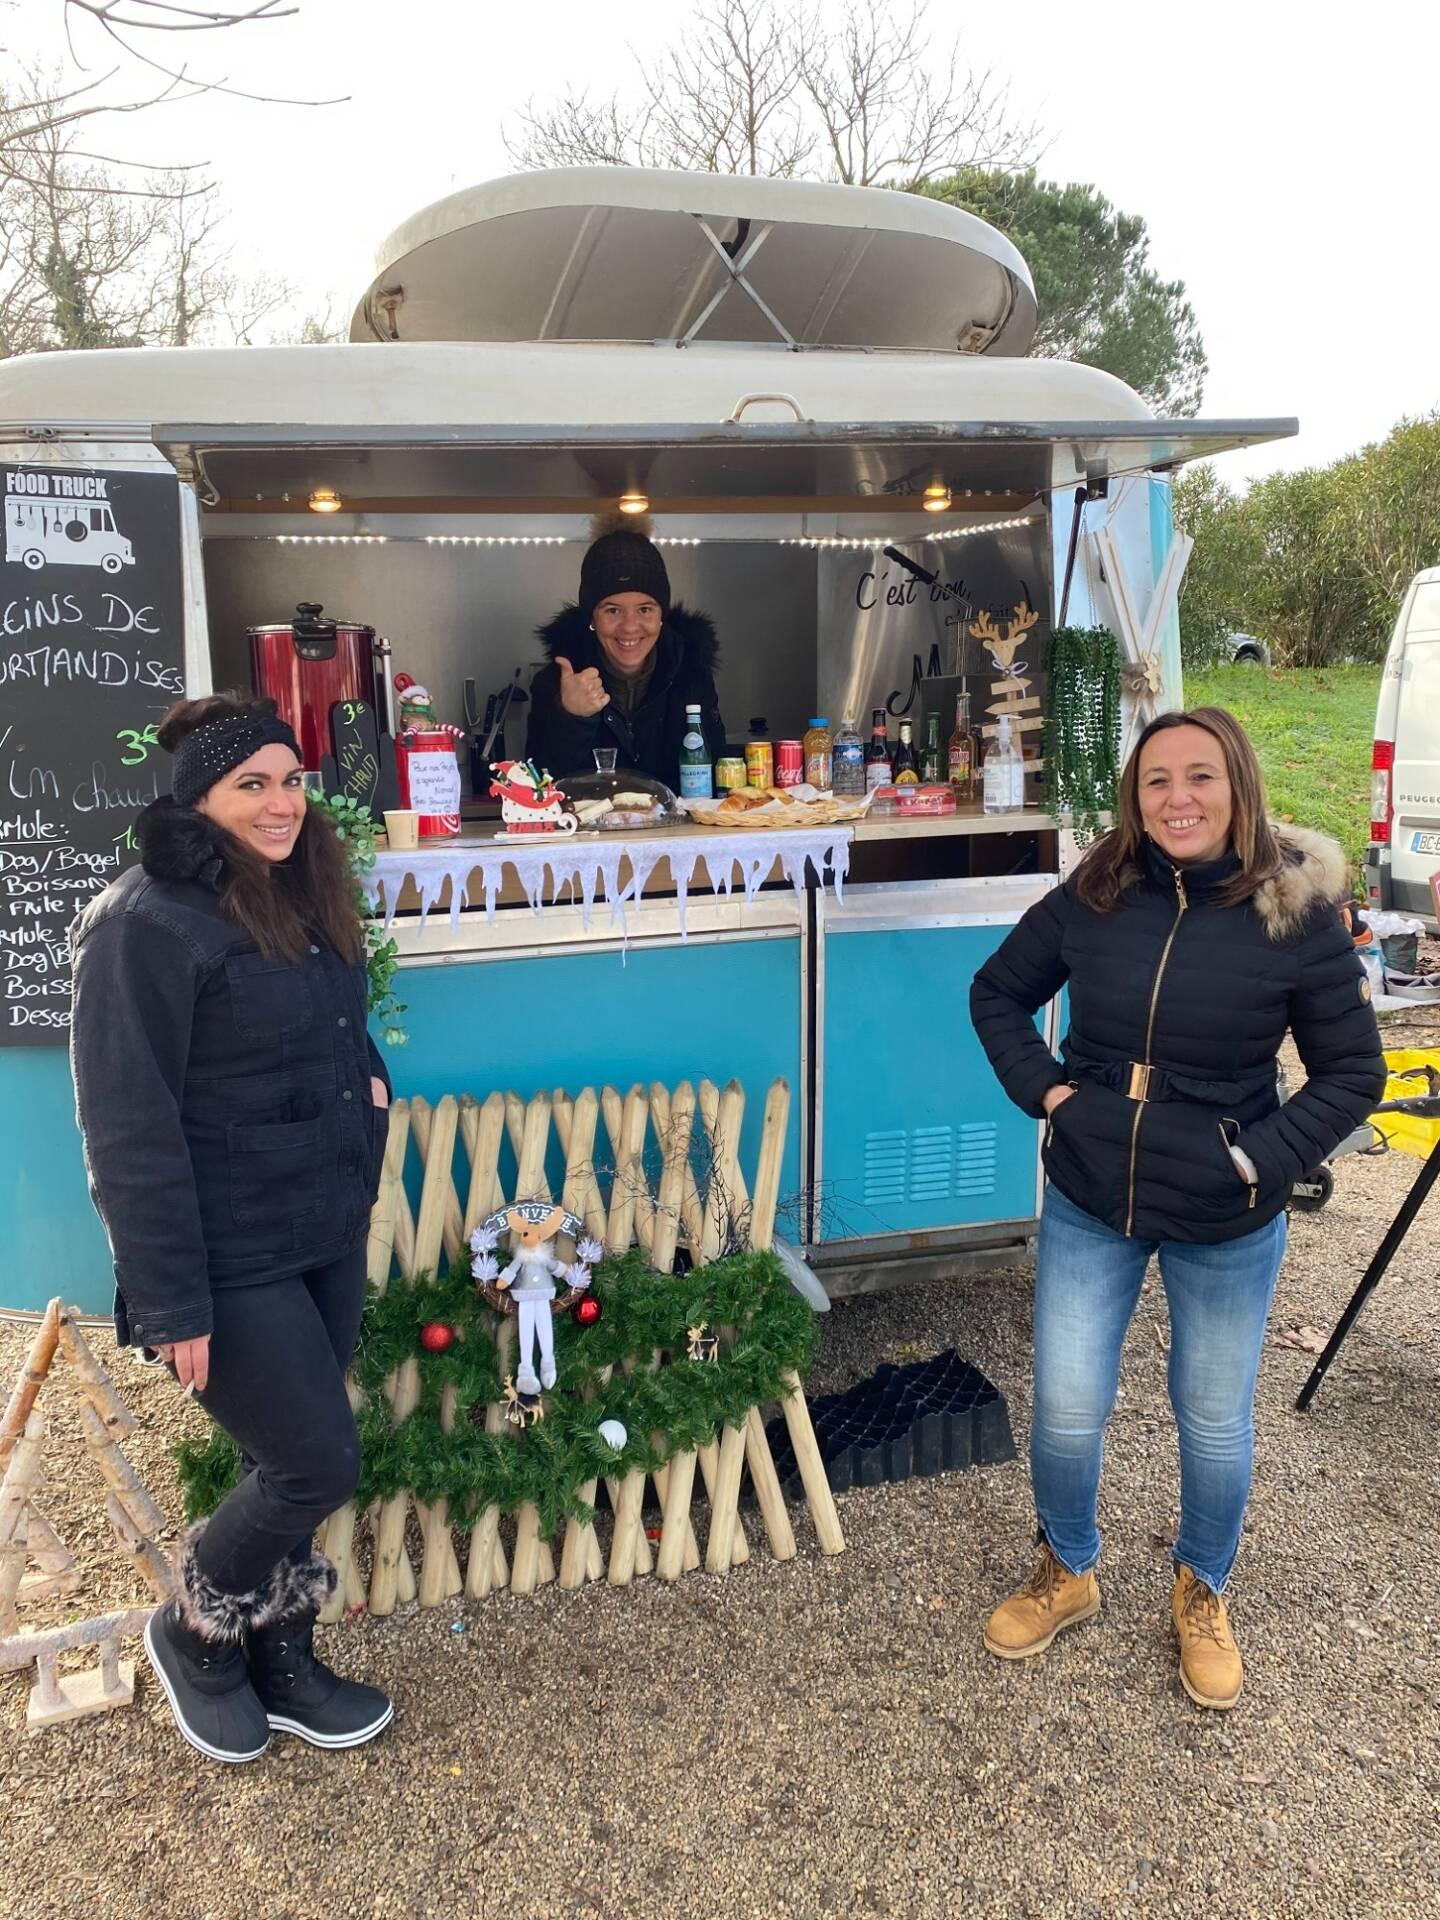 La nouvelle organisatrice Astrid Dulac et les ambassadrices du Nomad Food truck.